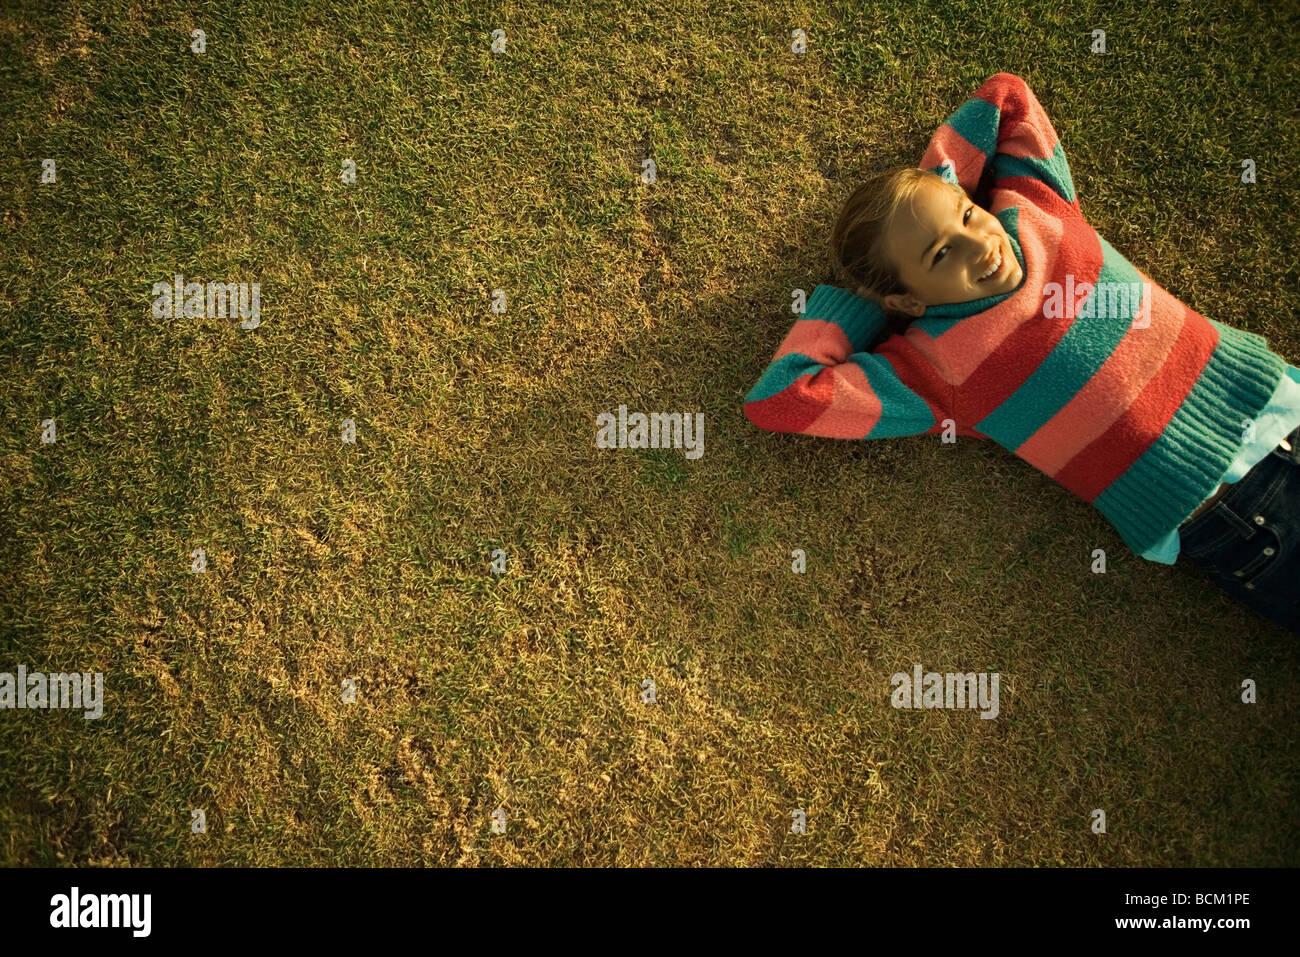 Chica tumbado en la hierba con las manos detrás de la cabeza, un alto ángulo de visualización Imagen De Stock